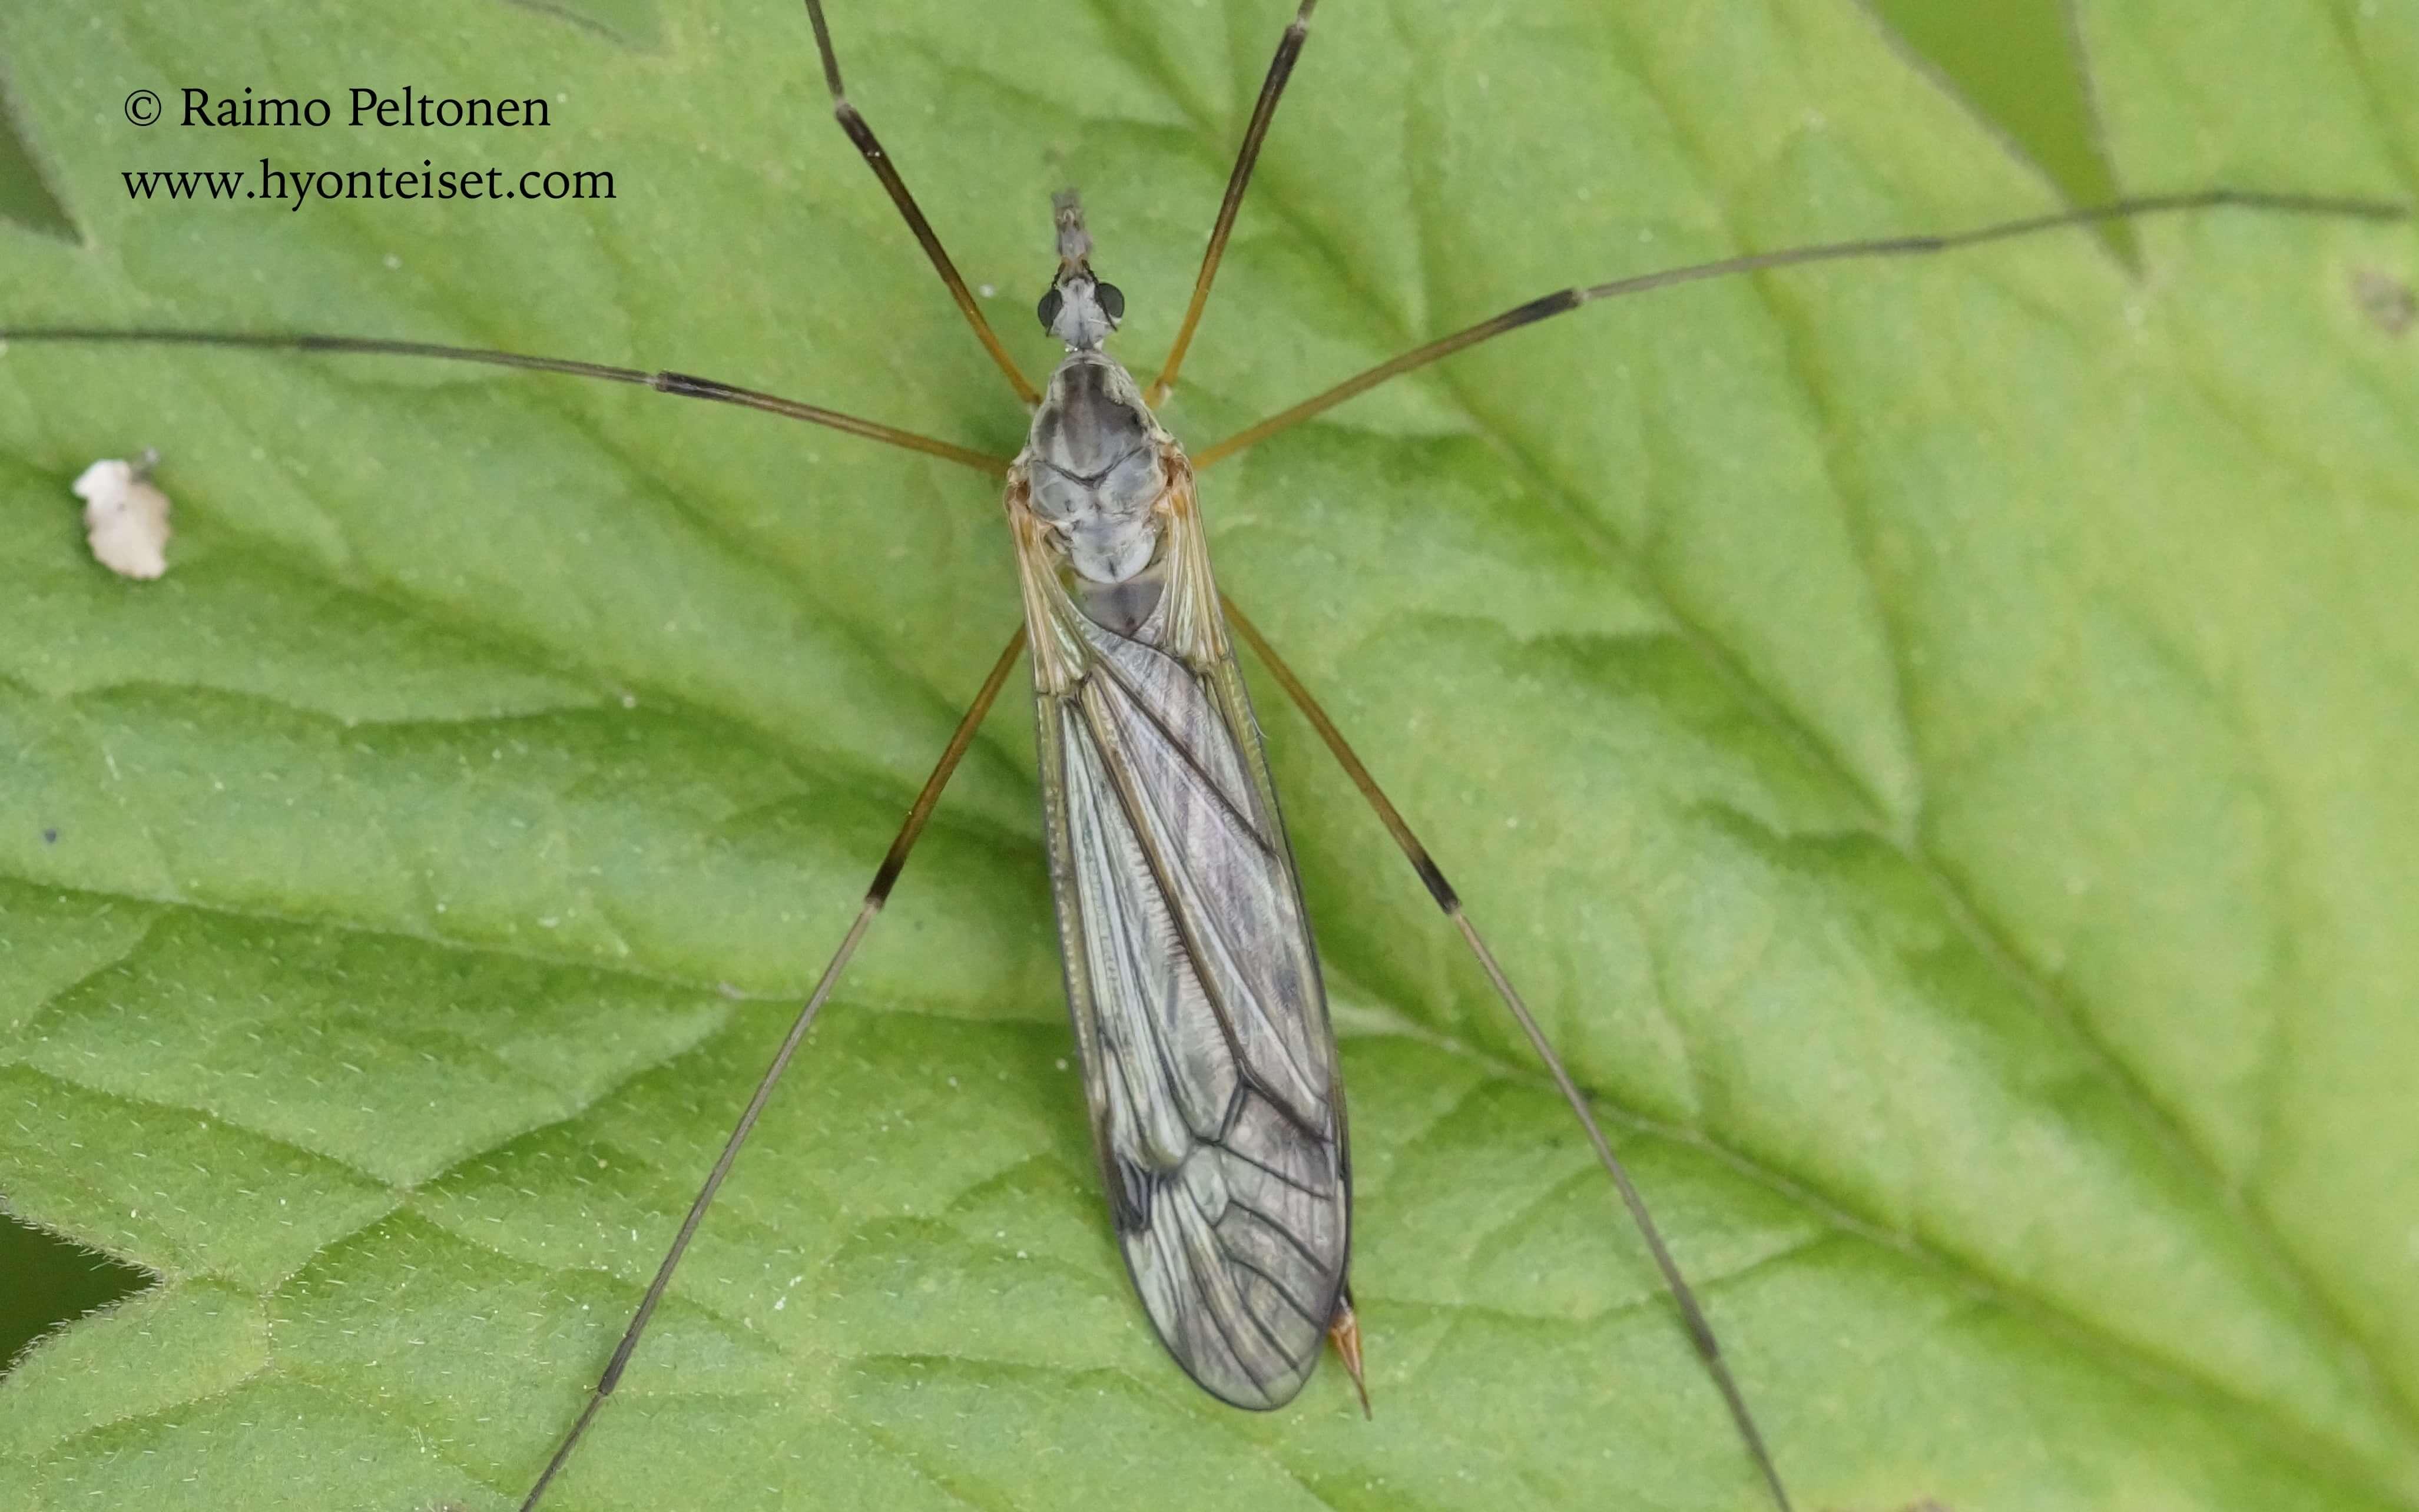 Tipula sp. sg. Savtsnekia (det. Pjotr Oosterbroek), 8.6.2015 Jyväskylä